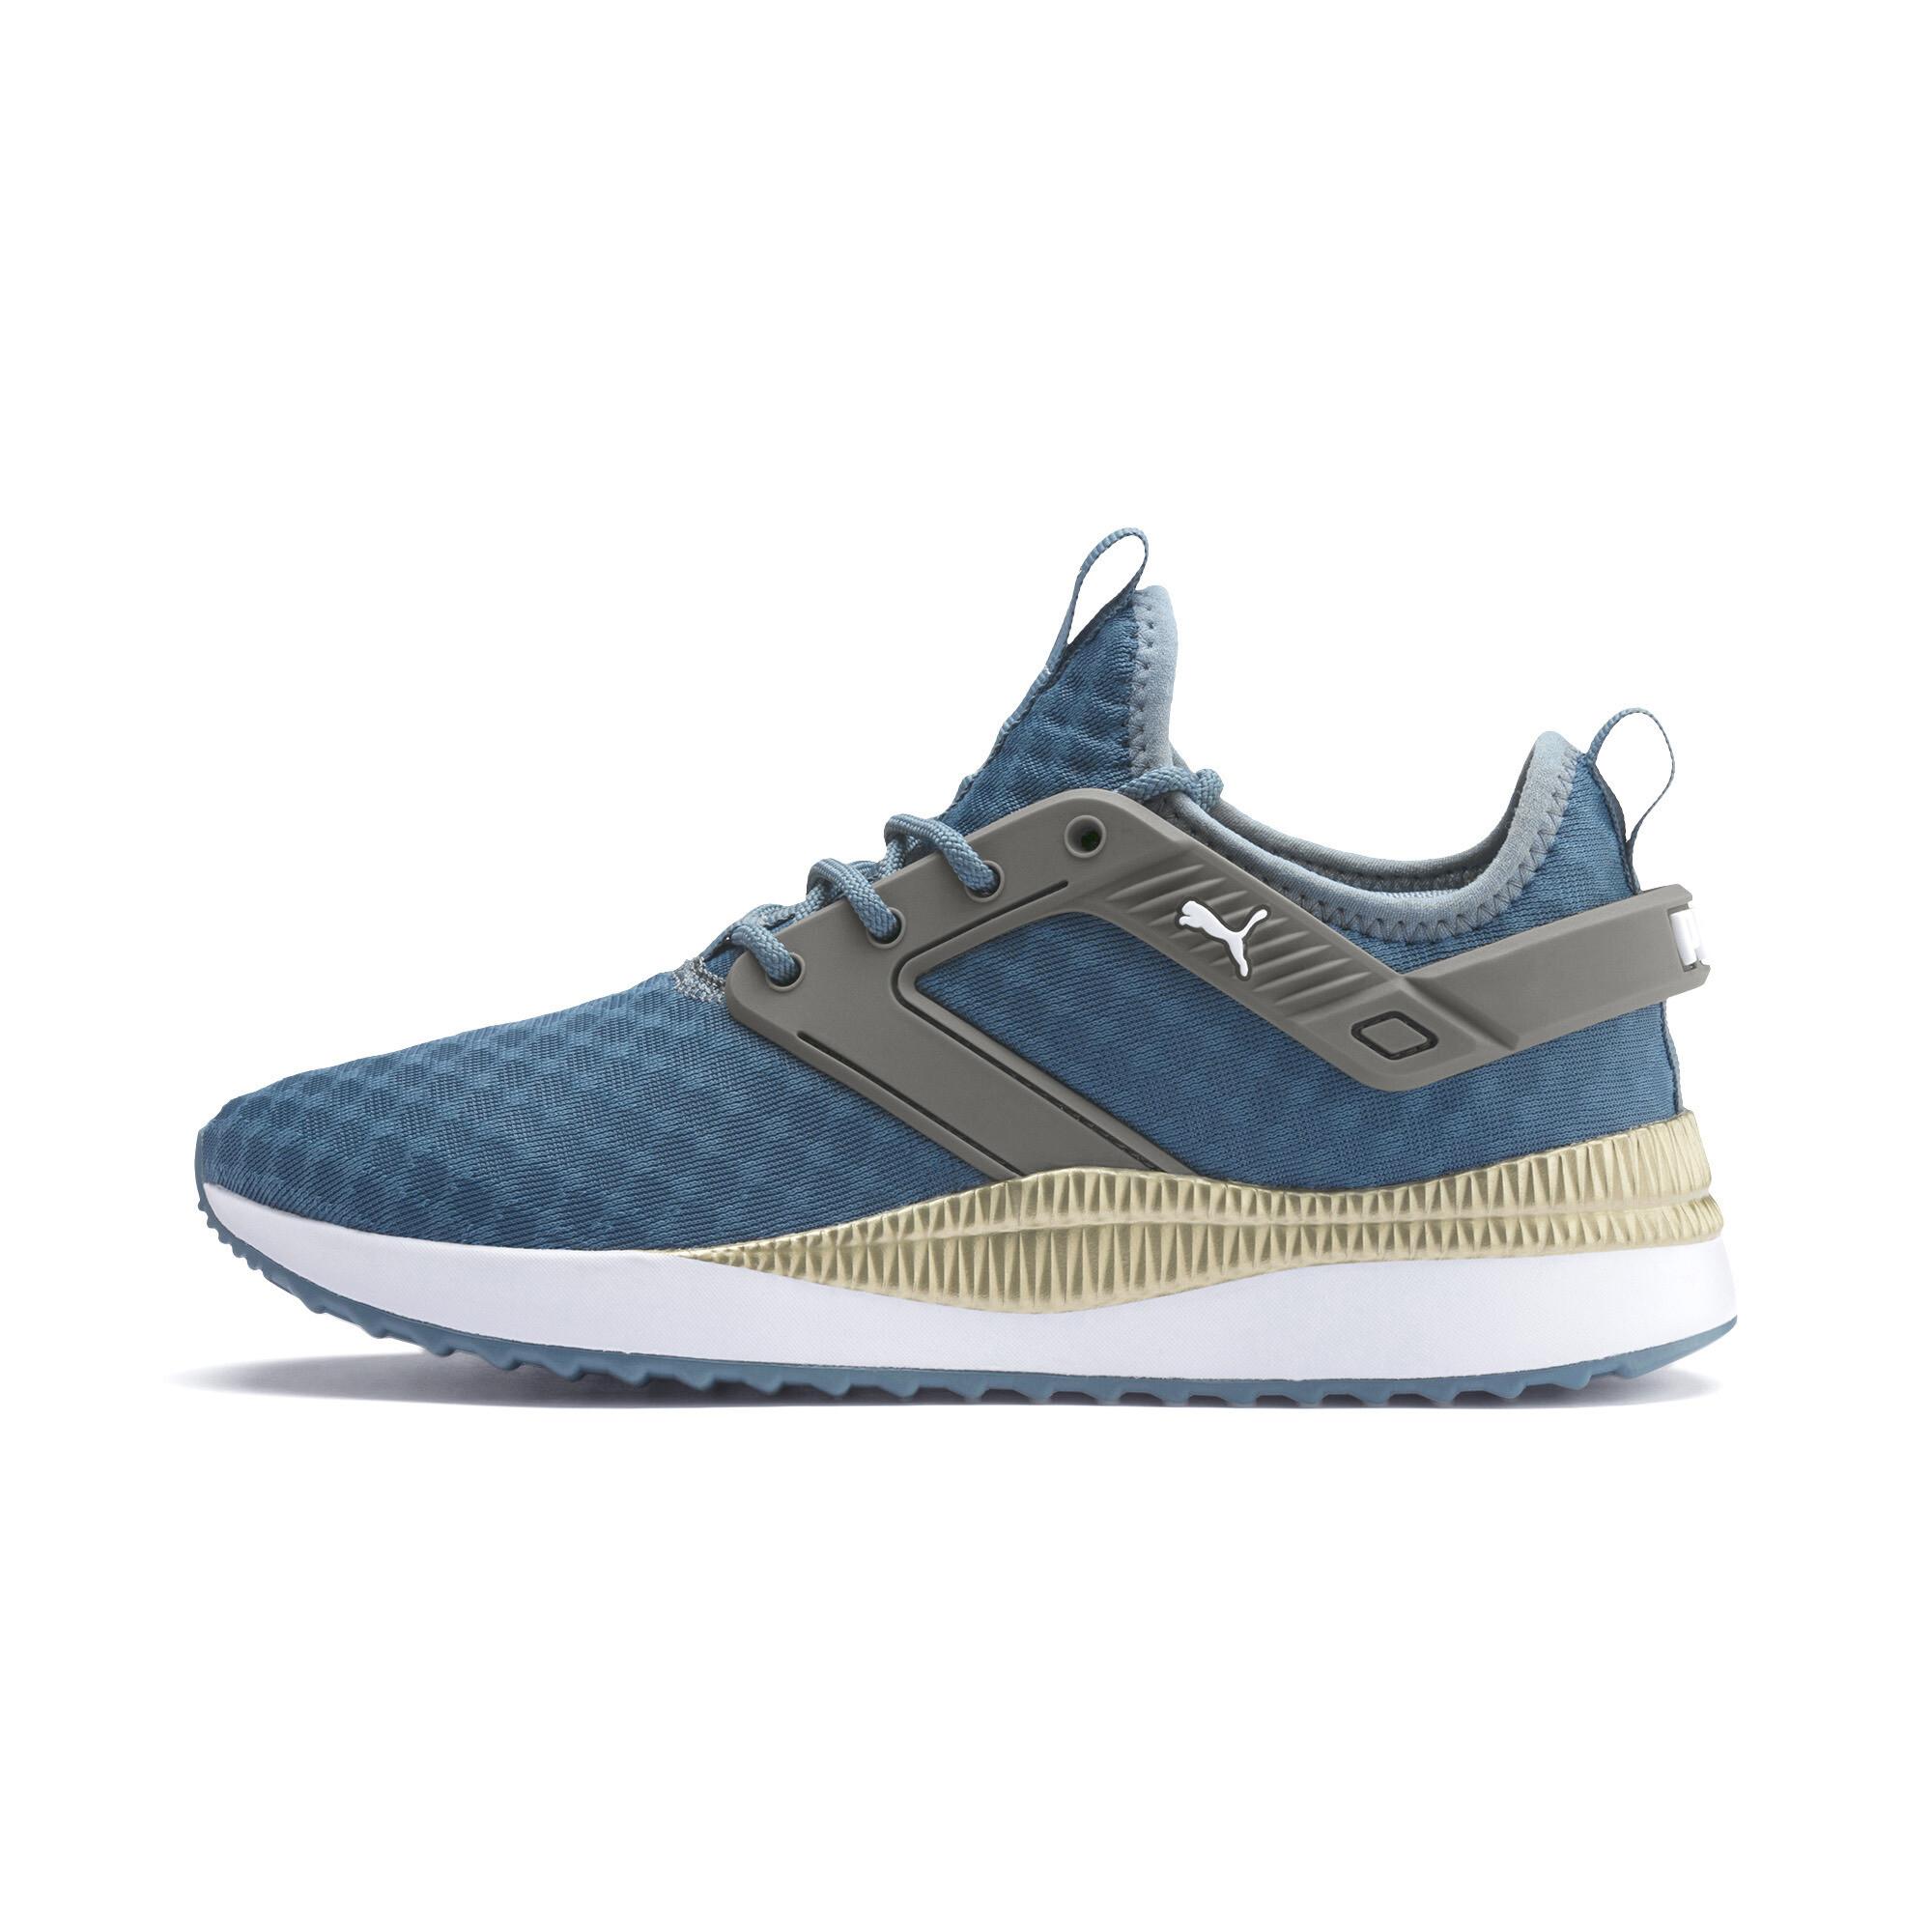 PUMA-Pacer-Next-Excel-Core-Men-039-s-Sneakers-Men-Shoe-Basics thumbnail 19